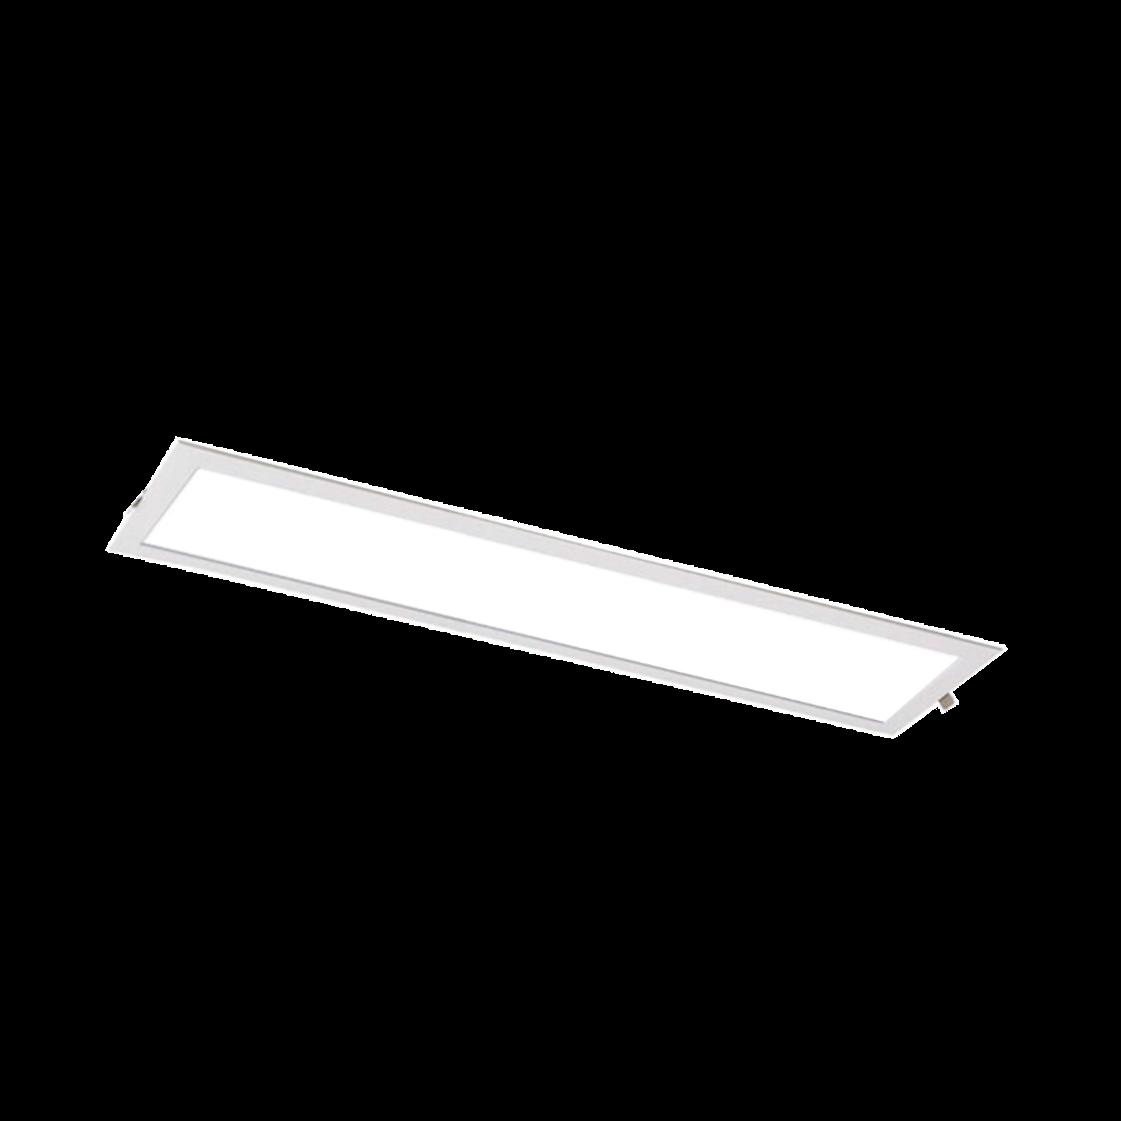 Luxsquare 1243 X 300 / 48W Embutir/Slim